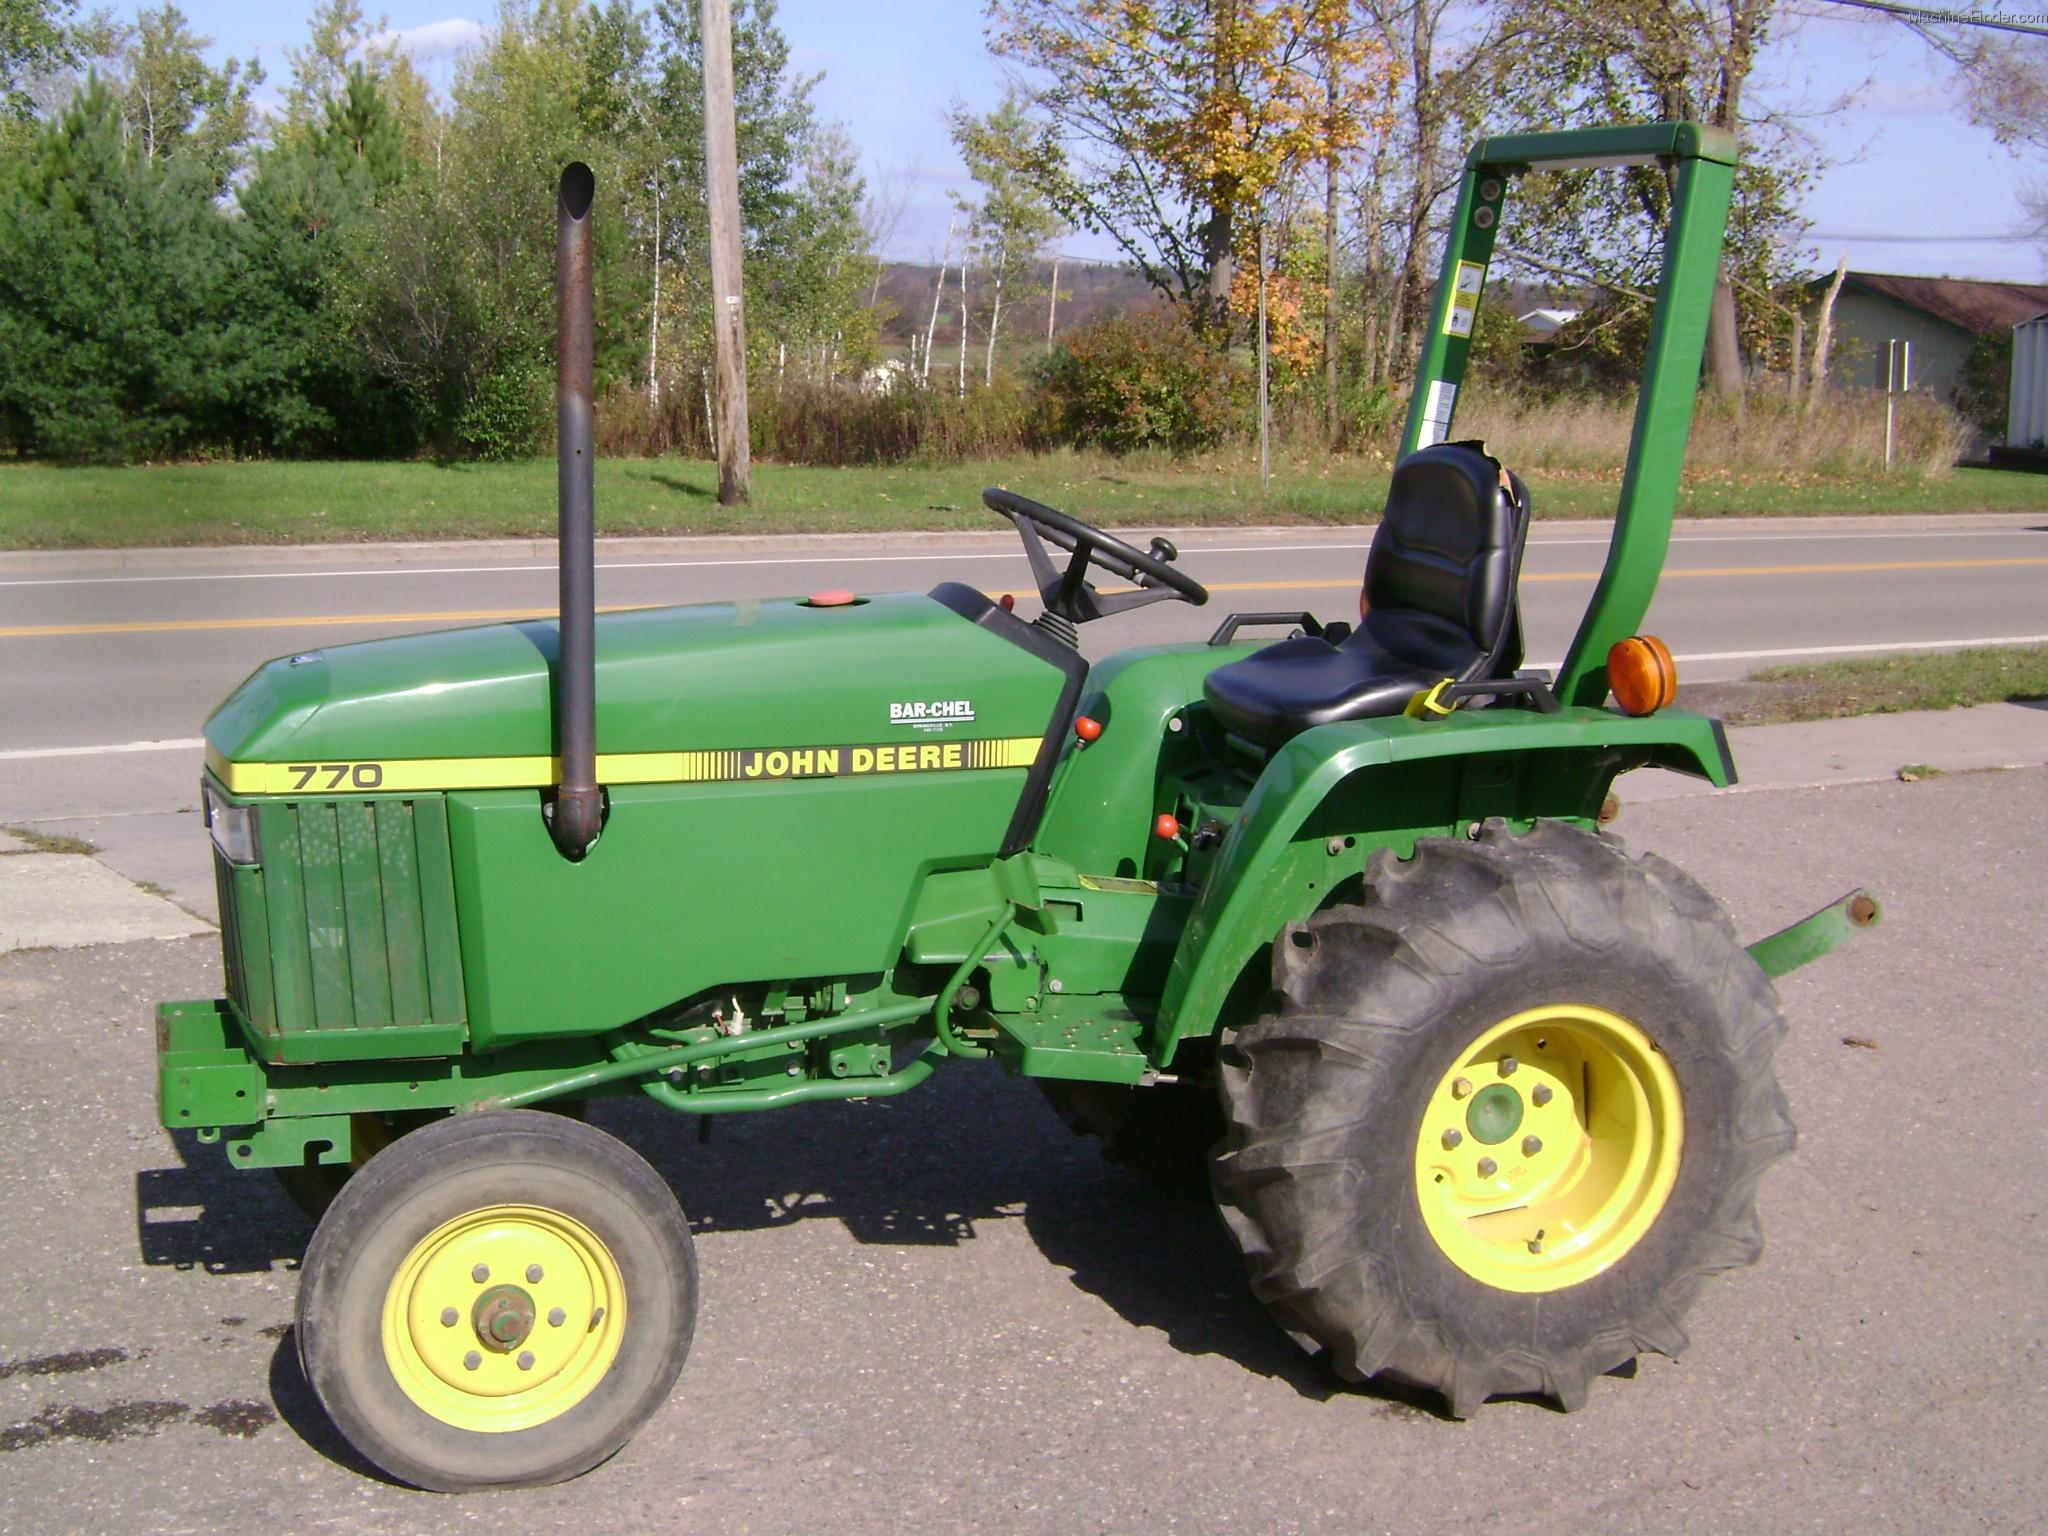 John Deere Tractor Backhoe Parts : John deere tractor series